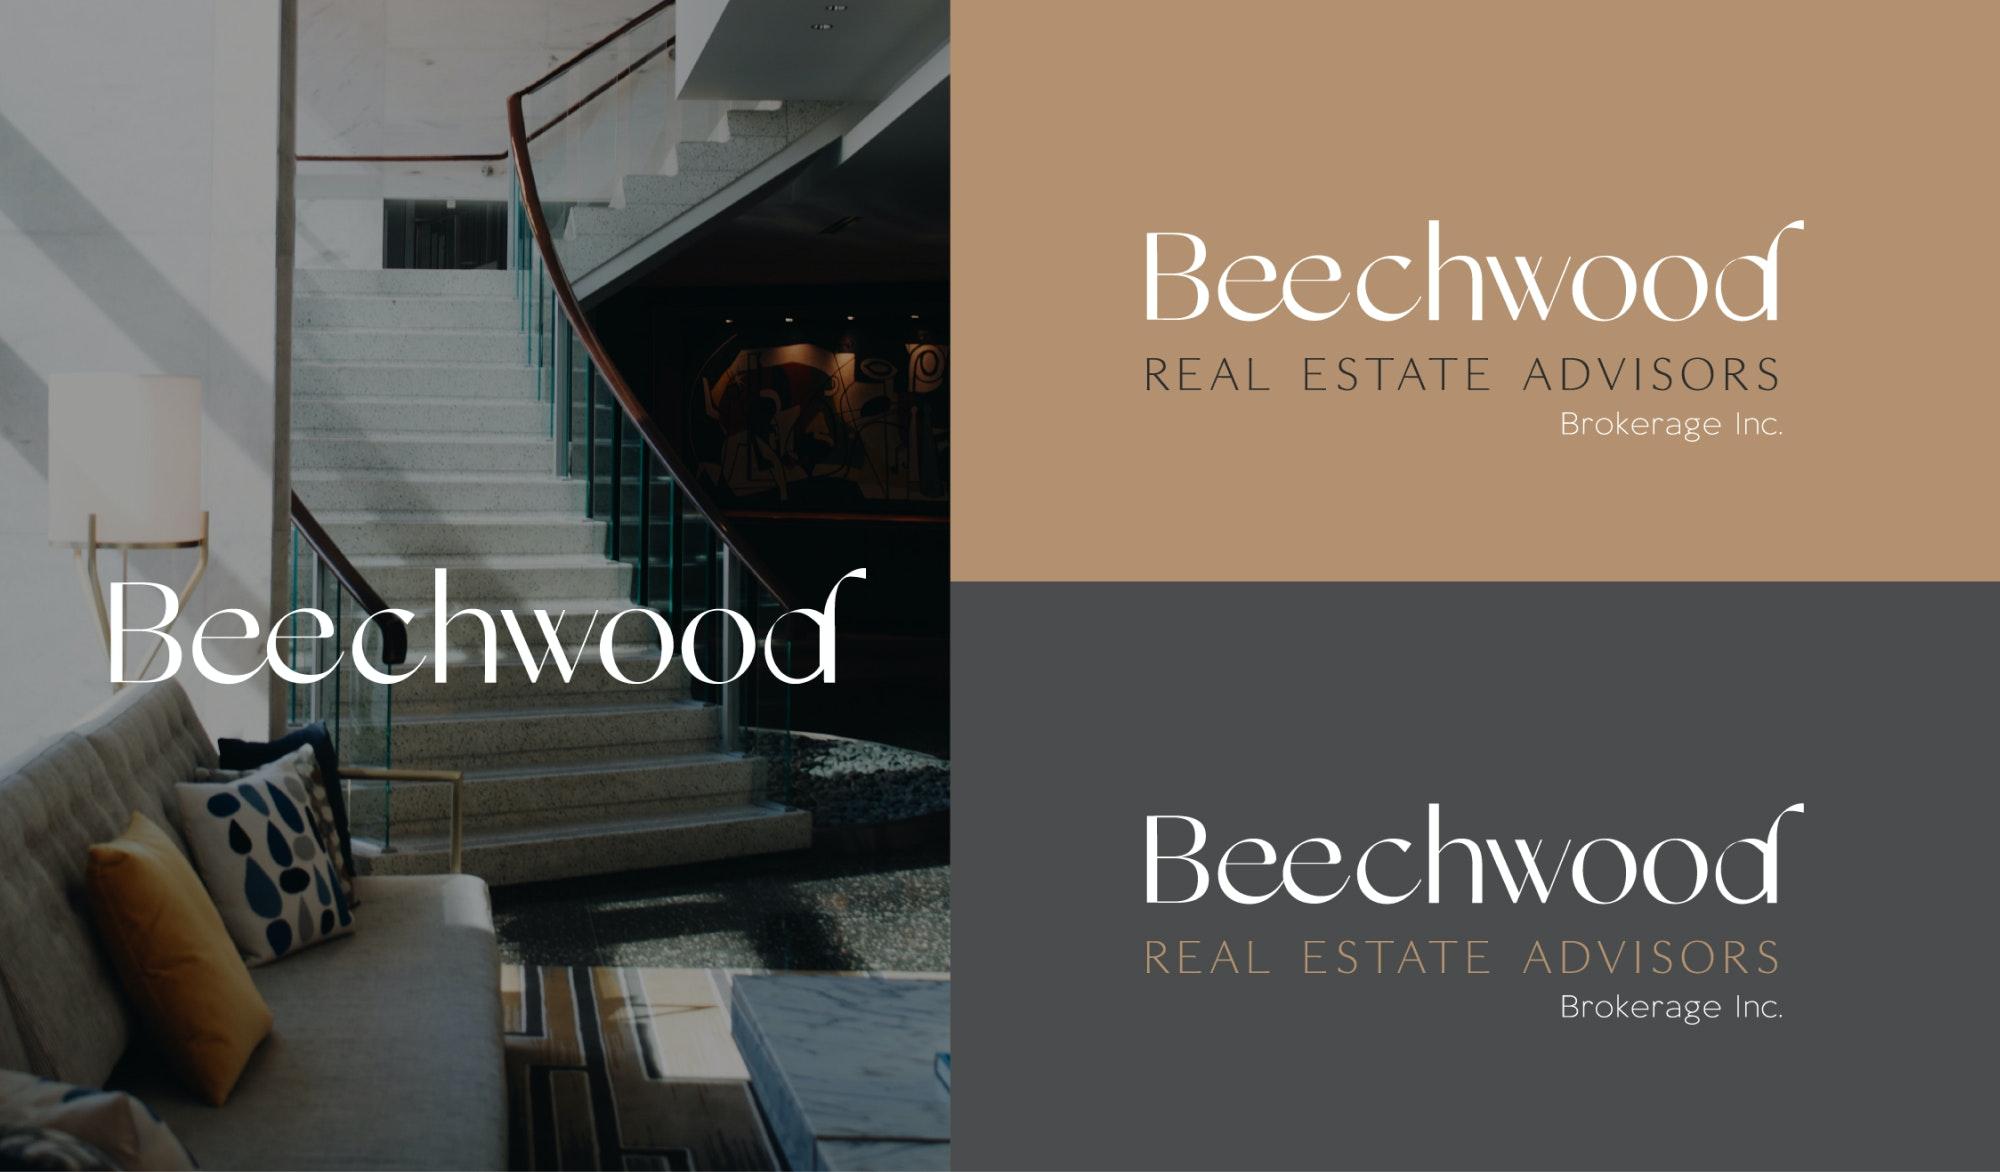 Beechwood logo variations